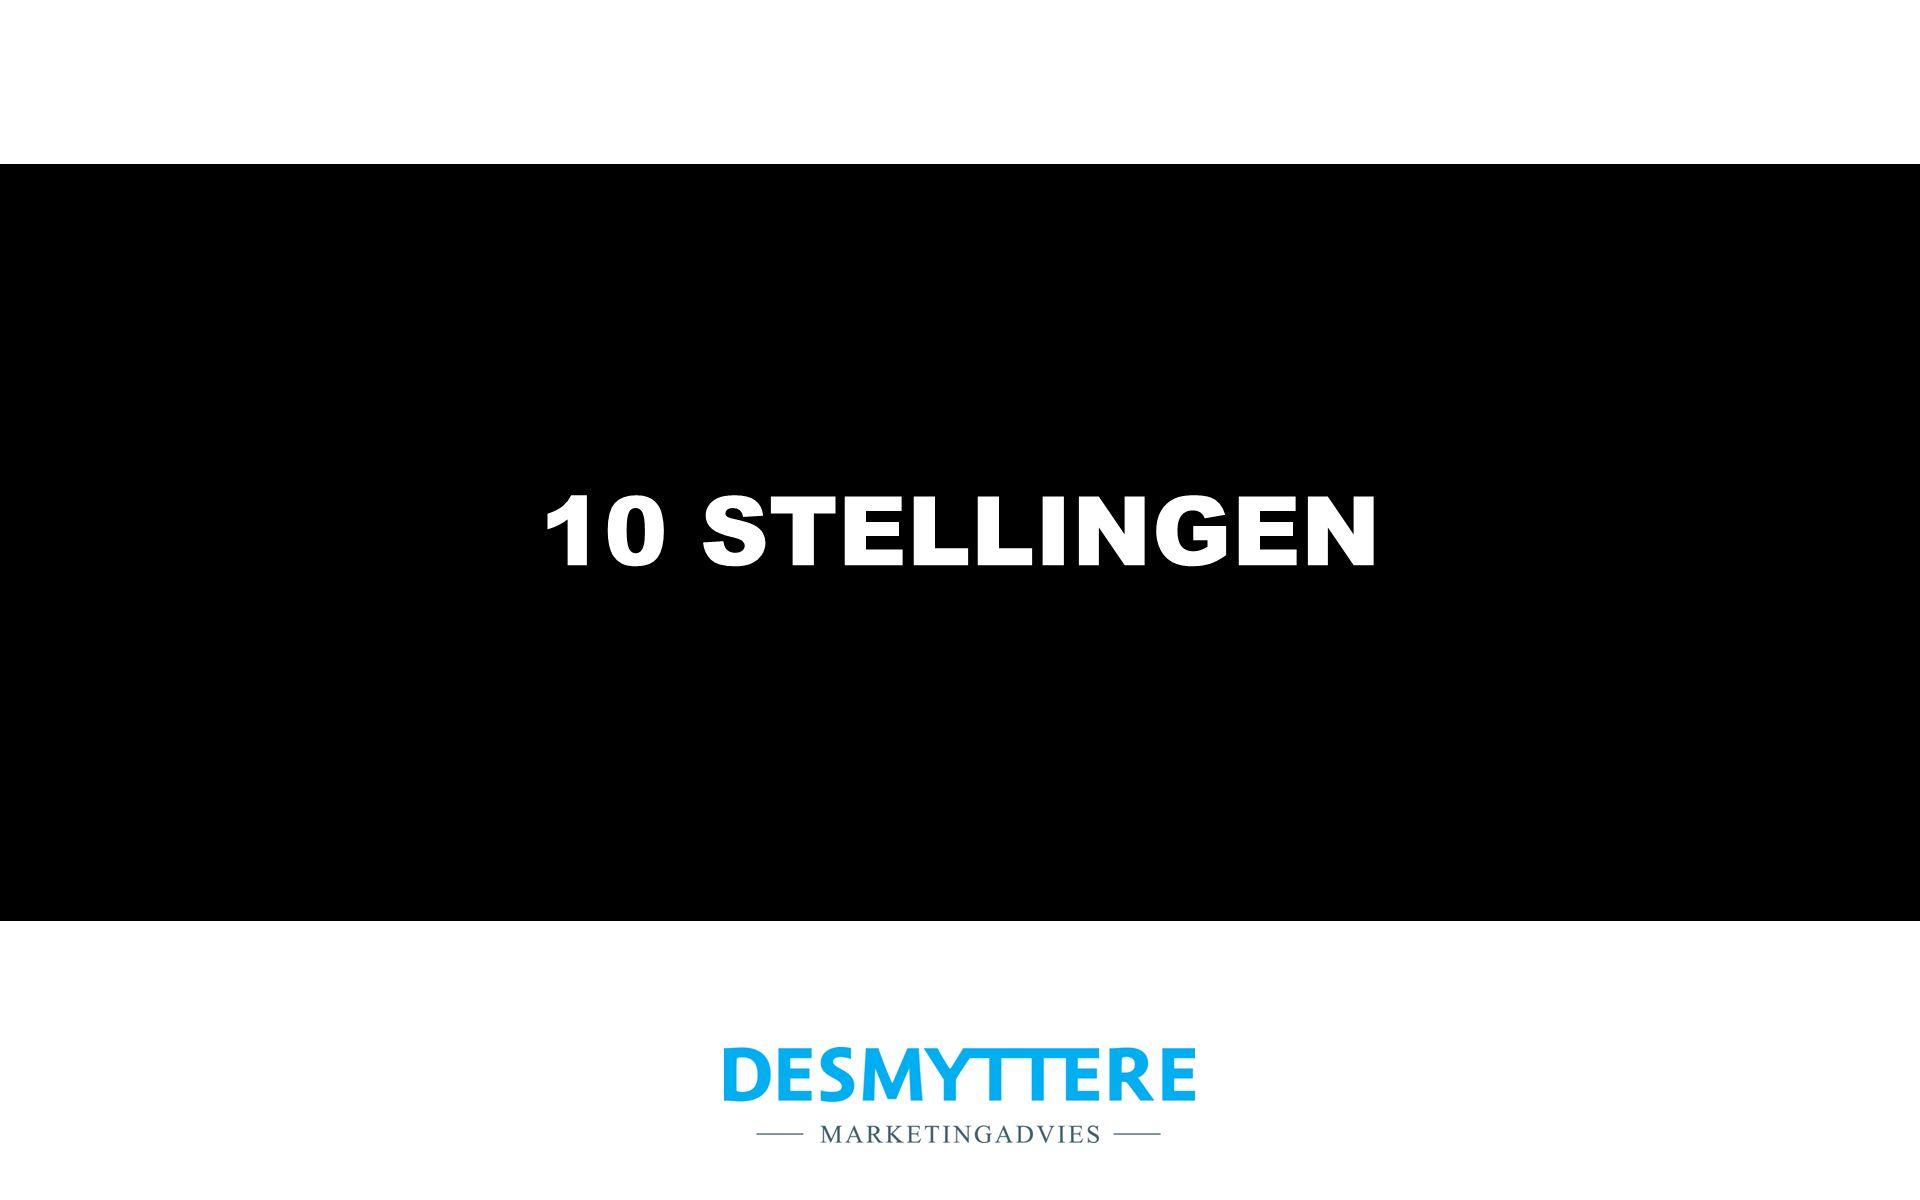 10 STELLINGEN